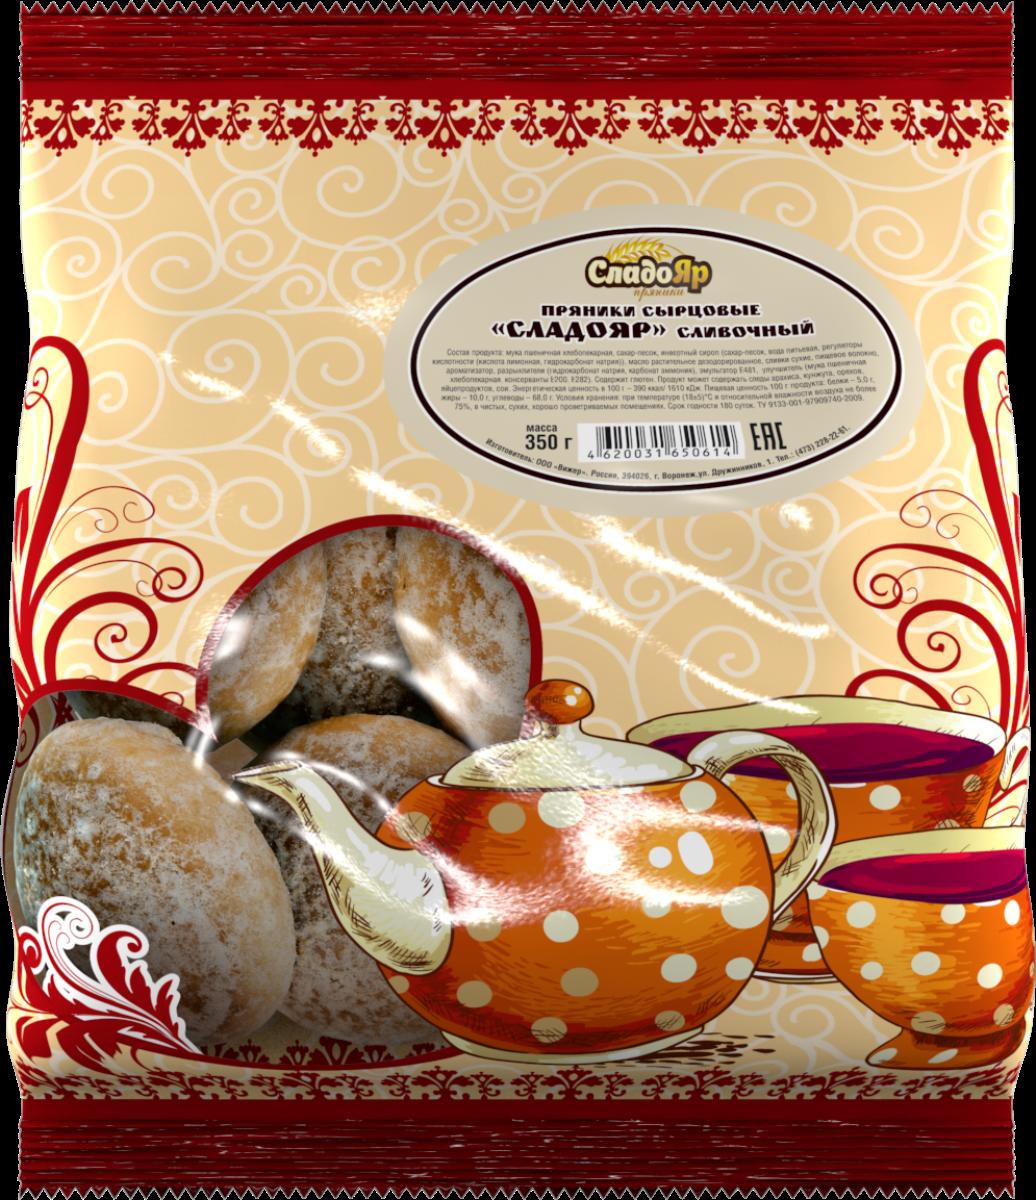 Сладояр пряники сливочный, 350 г4620031650614Воздушные пряники, приготовленные по старинной классической рецептуре с нежным сливочно-ванильным вкусом.